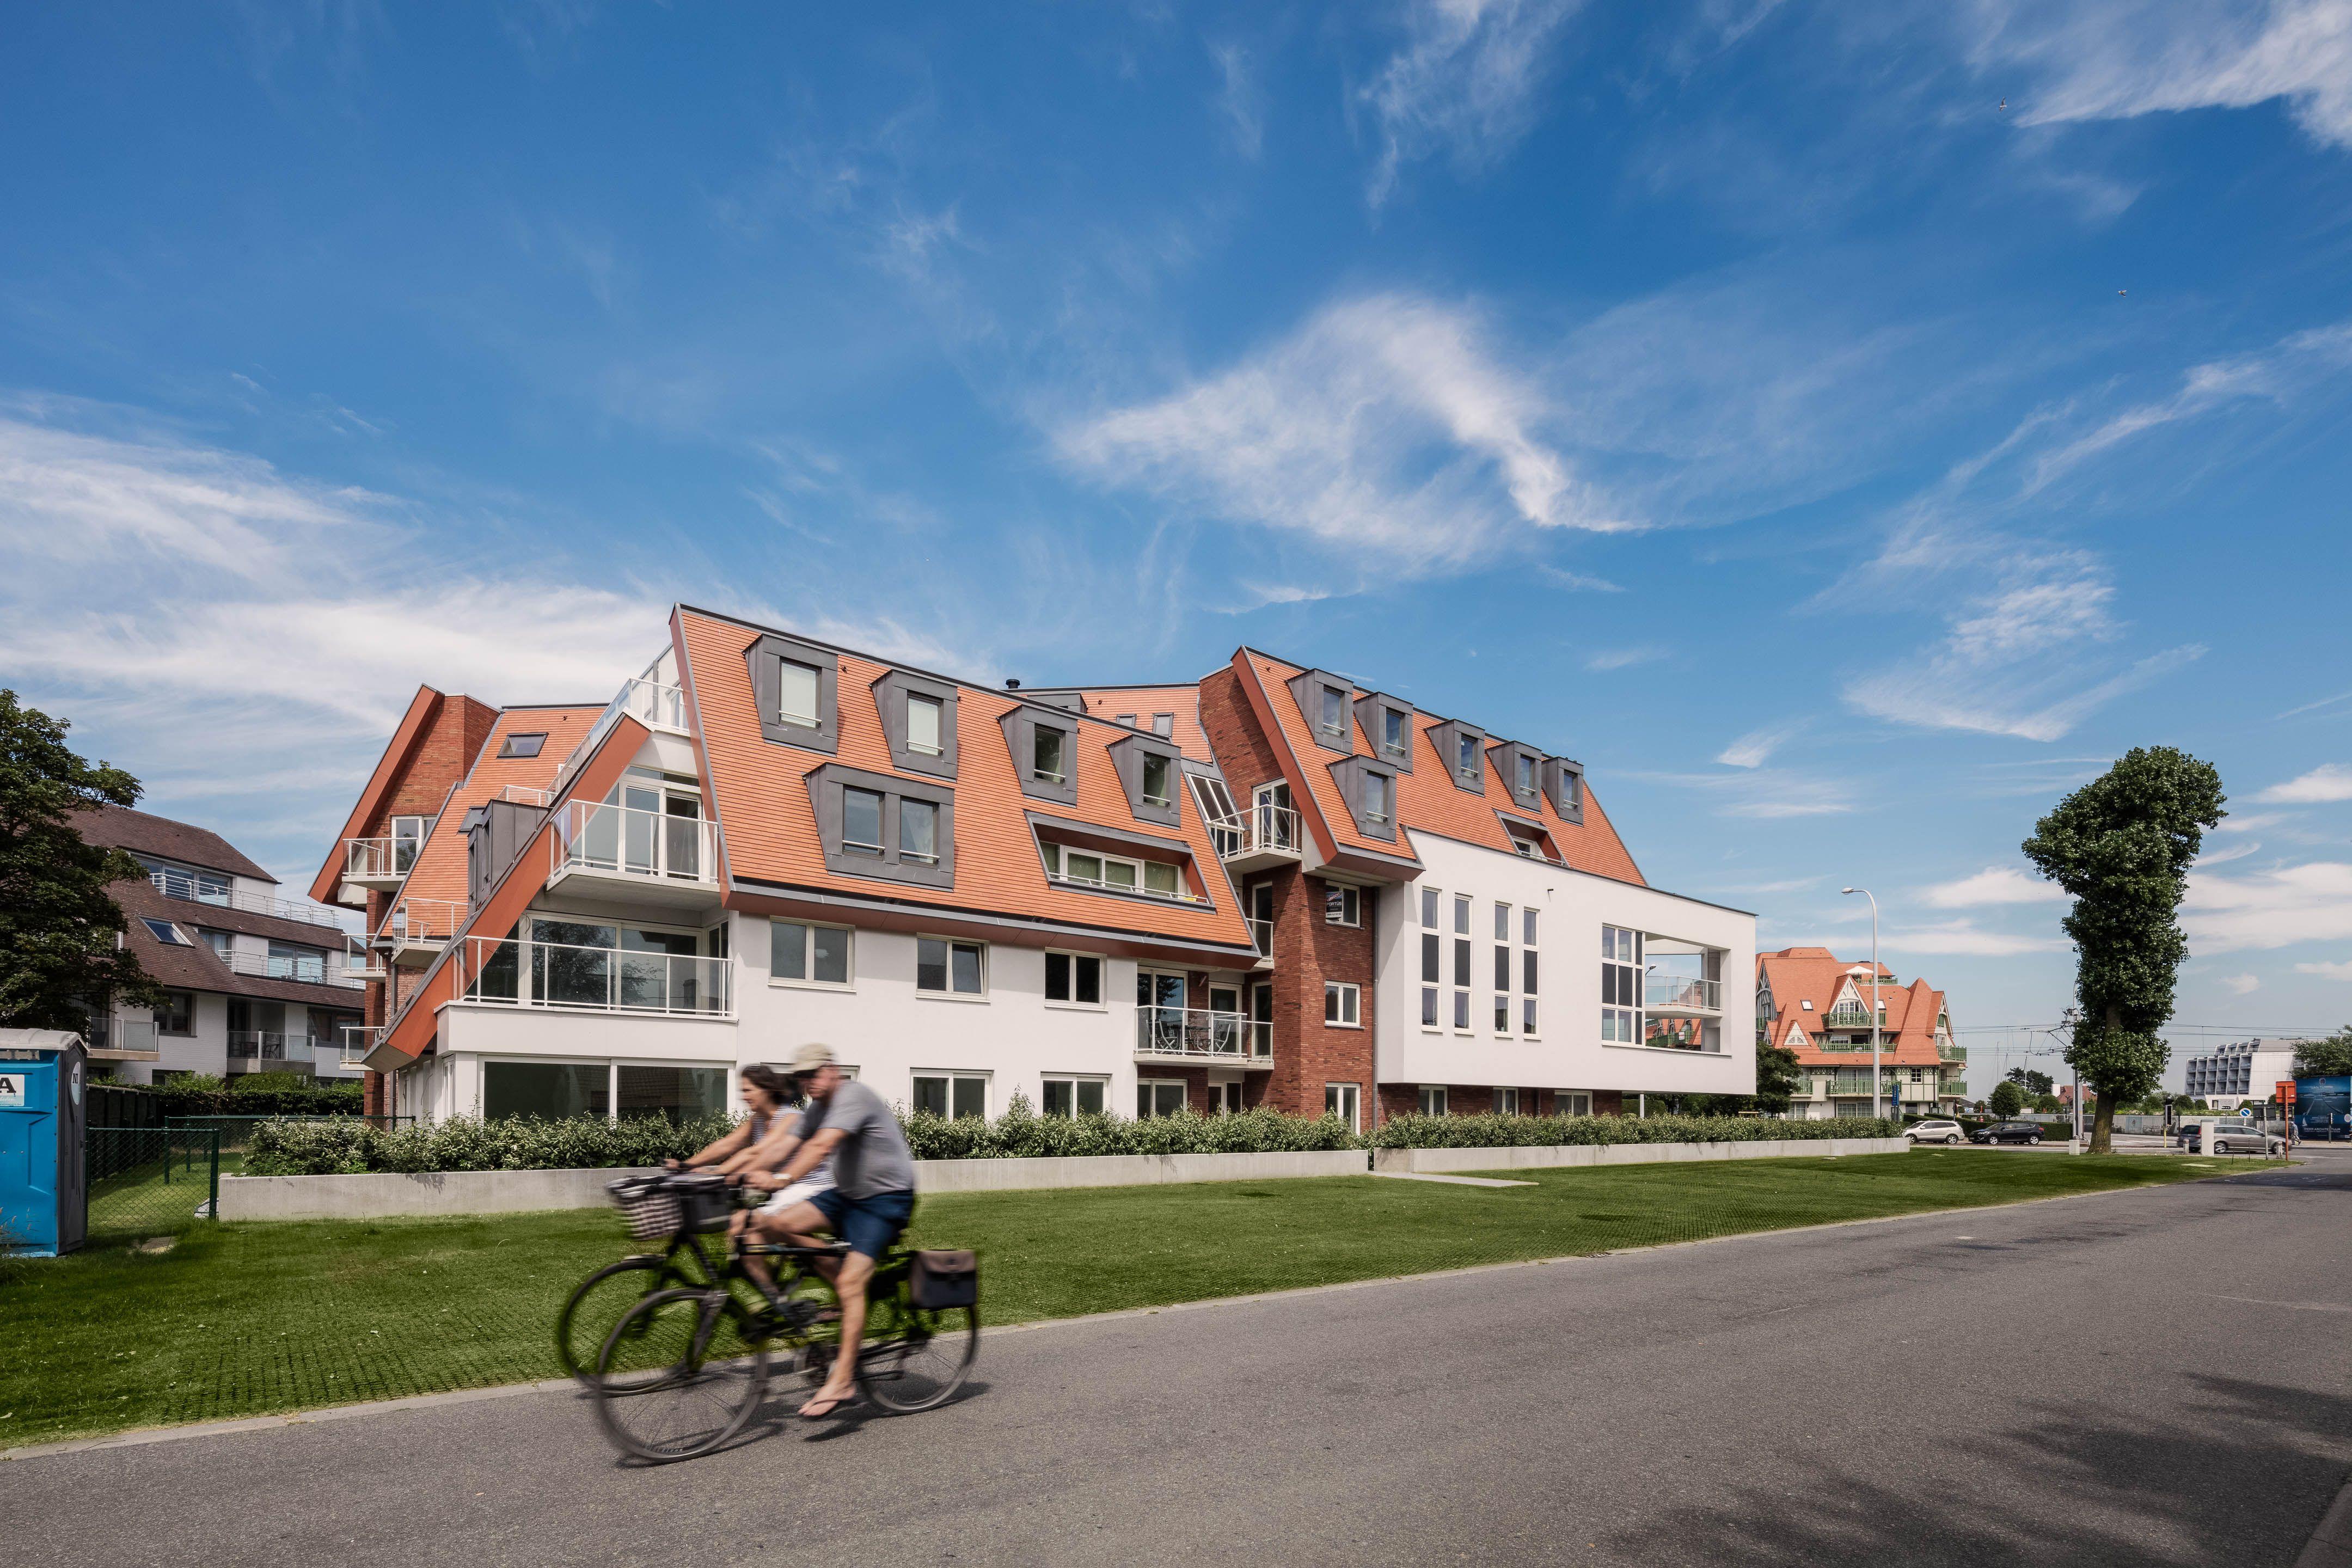 Appartement Residentie Villa Crombez Nieuwpoort - 9291